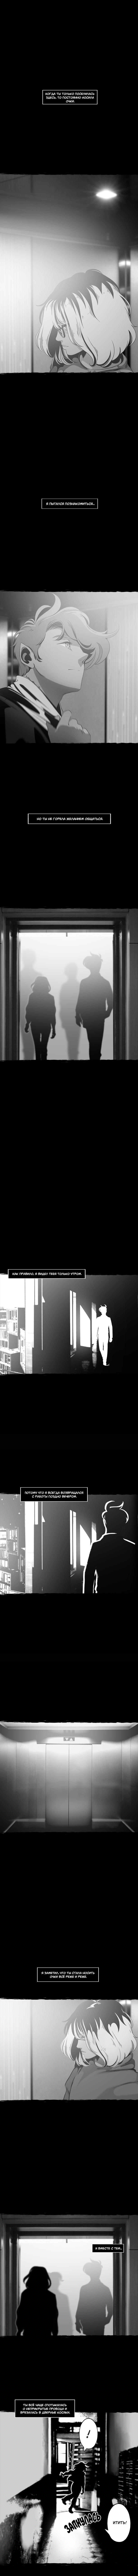 https://r2.ninemanga.com/comics/pic3/0/33536/1325202/1553132701311.png Page 1